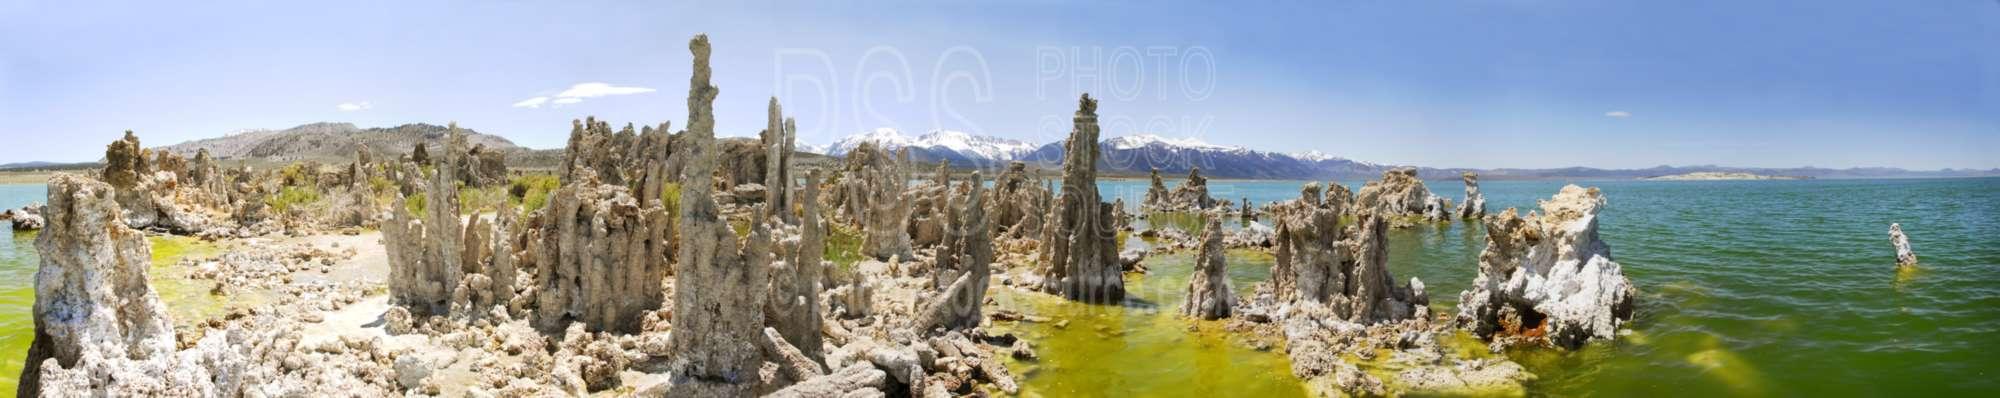 Mono Lake Tufa Spires